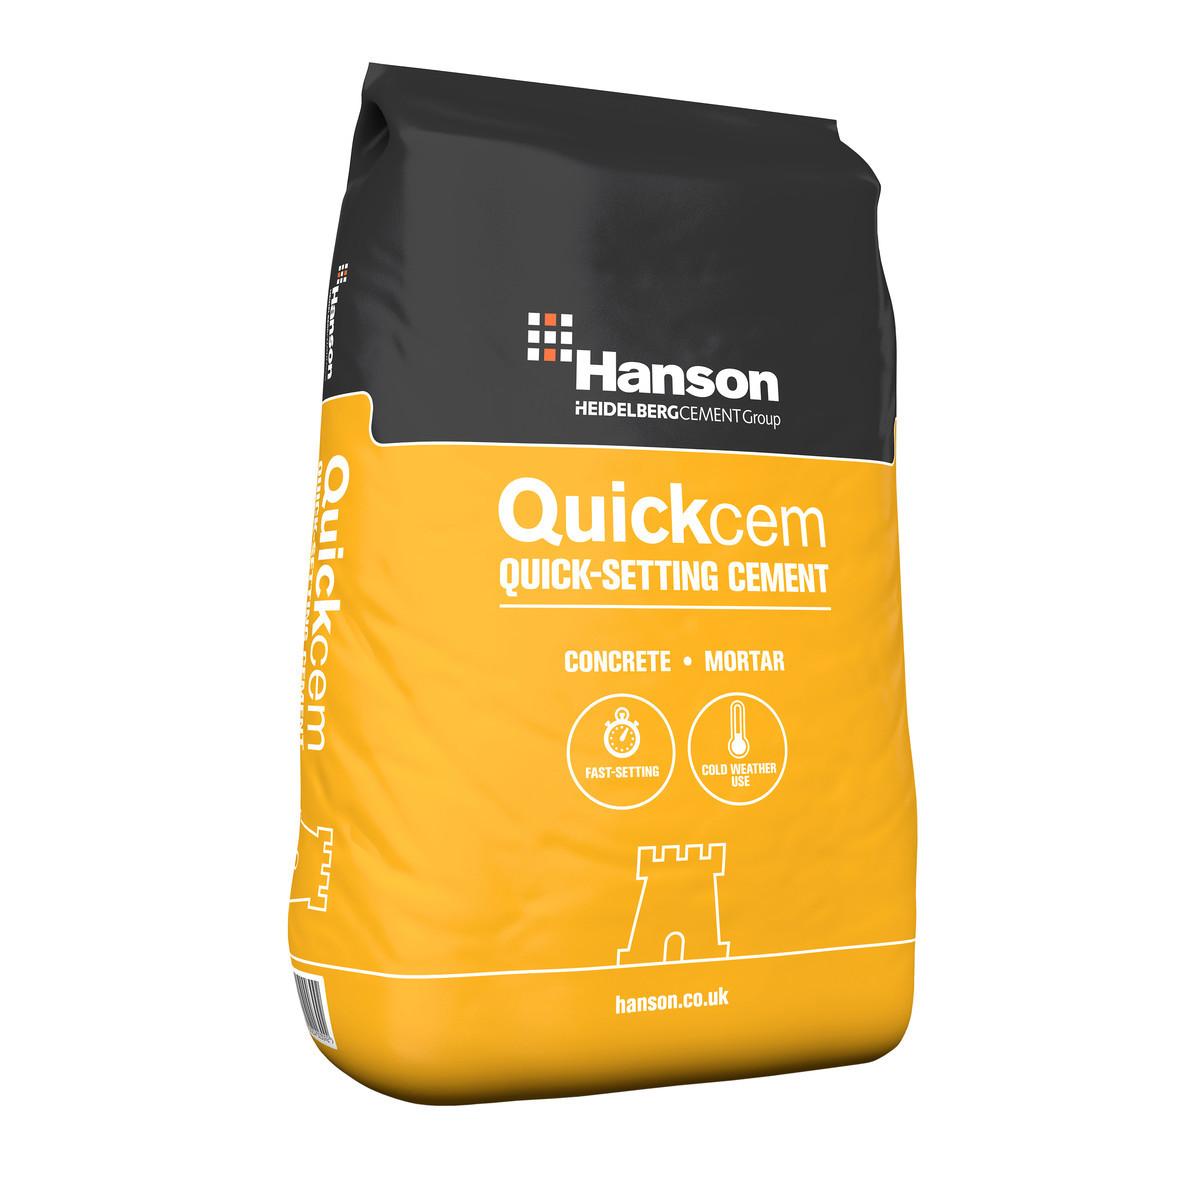 Hanson QuickCem Rapid Setting Cement (25kg)